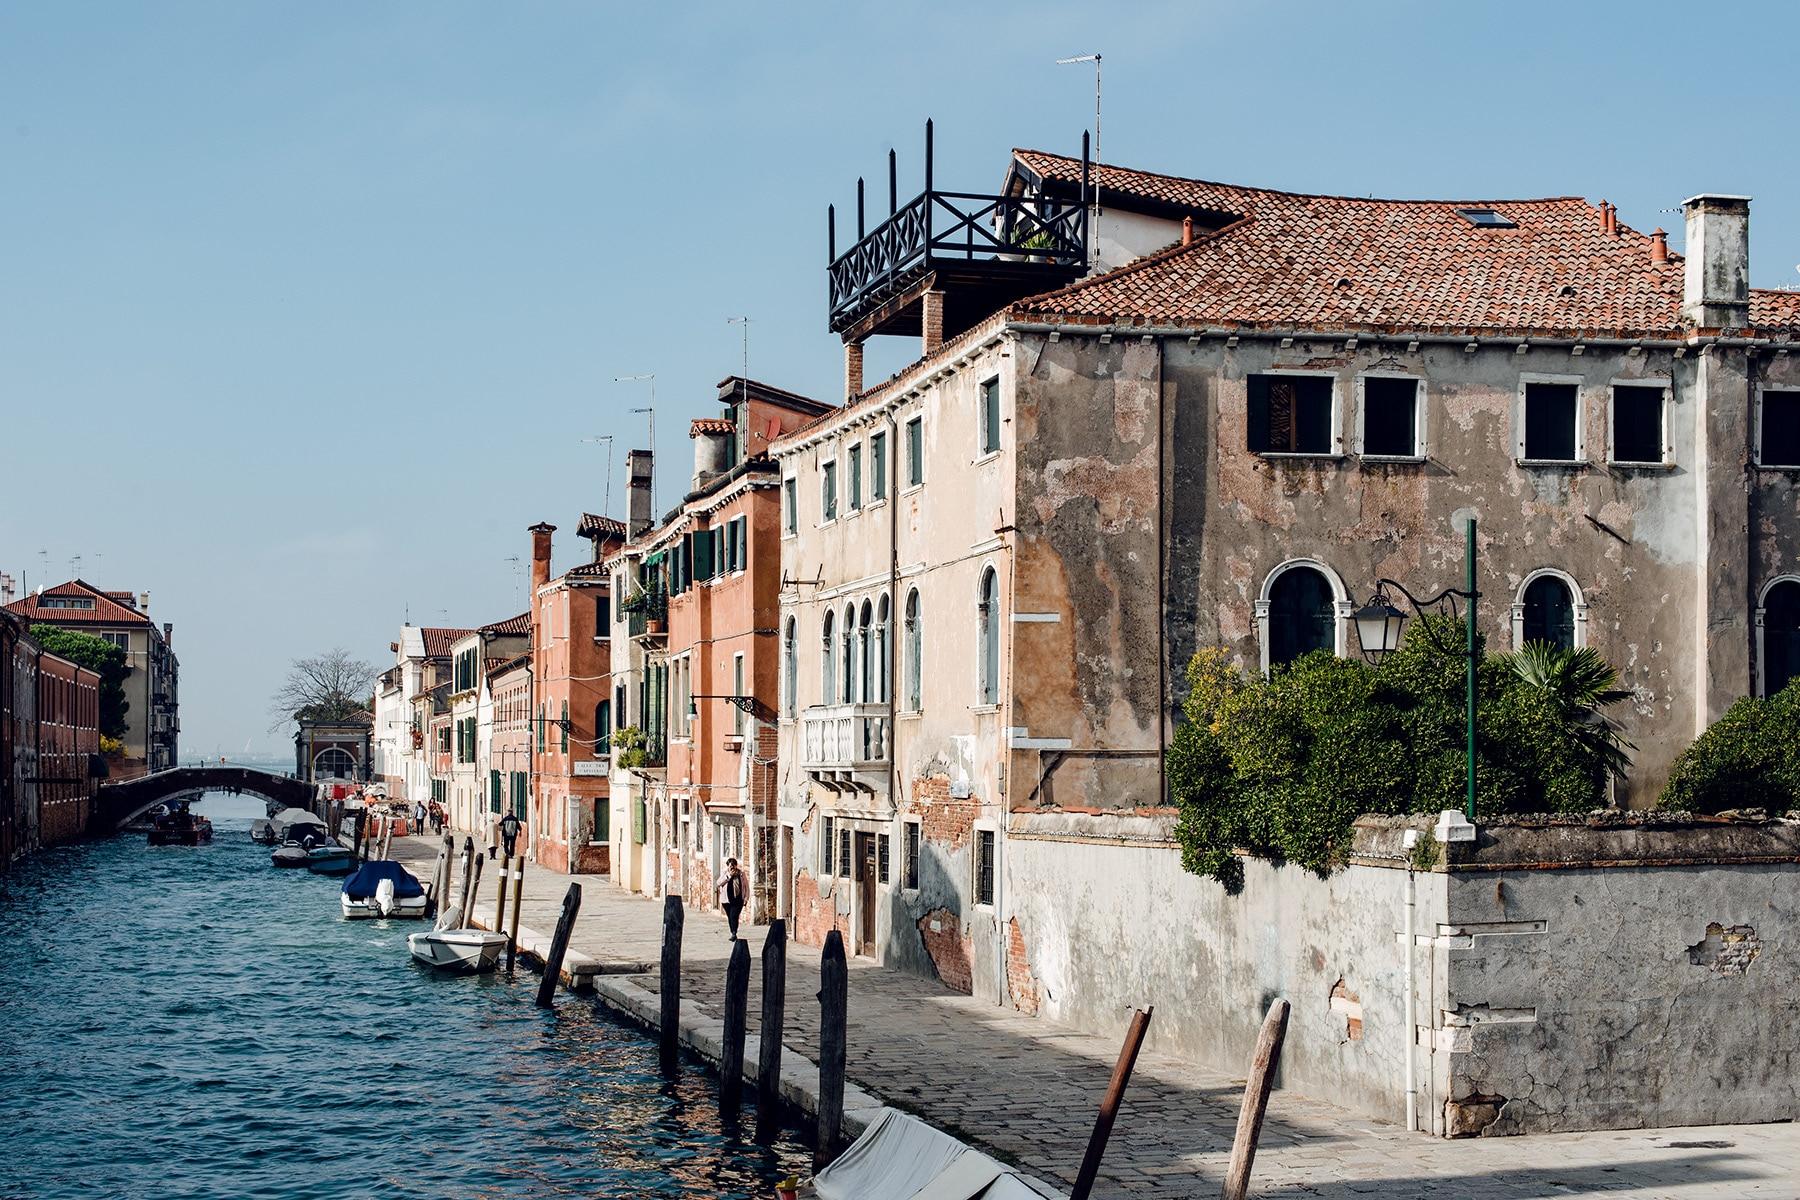 Balade le long des quais du quartier de Cannaregio à Venise